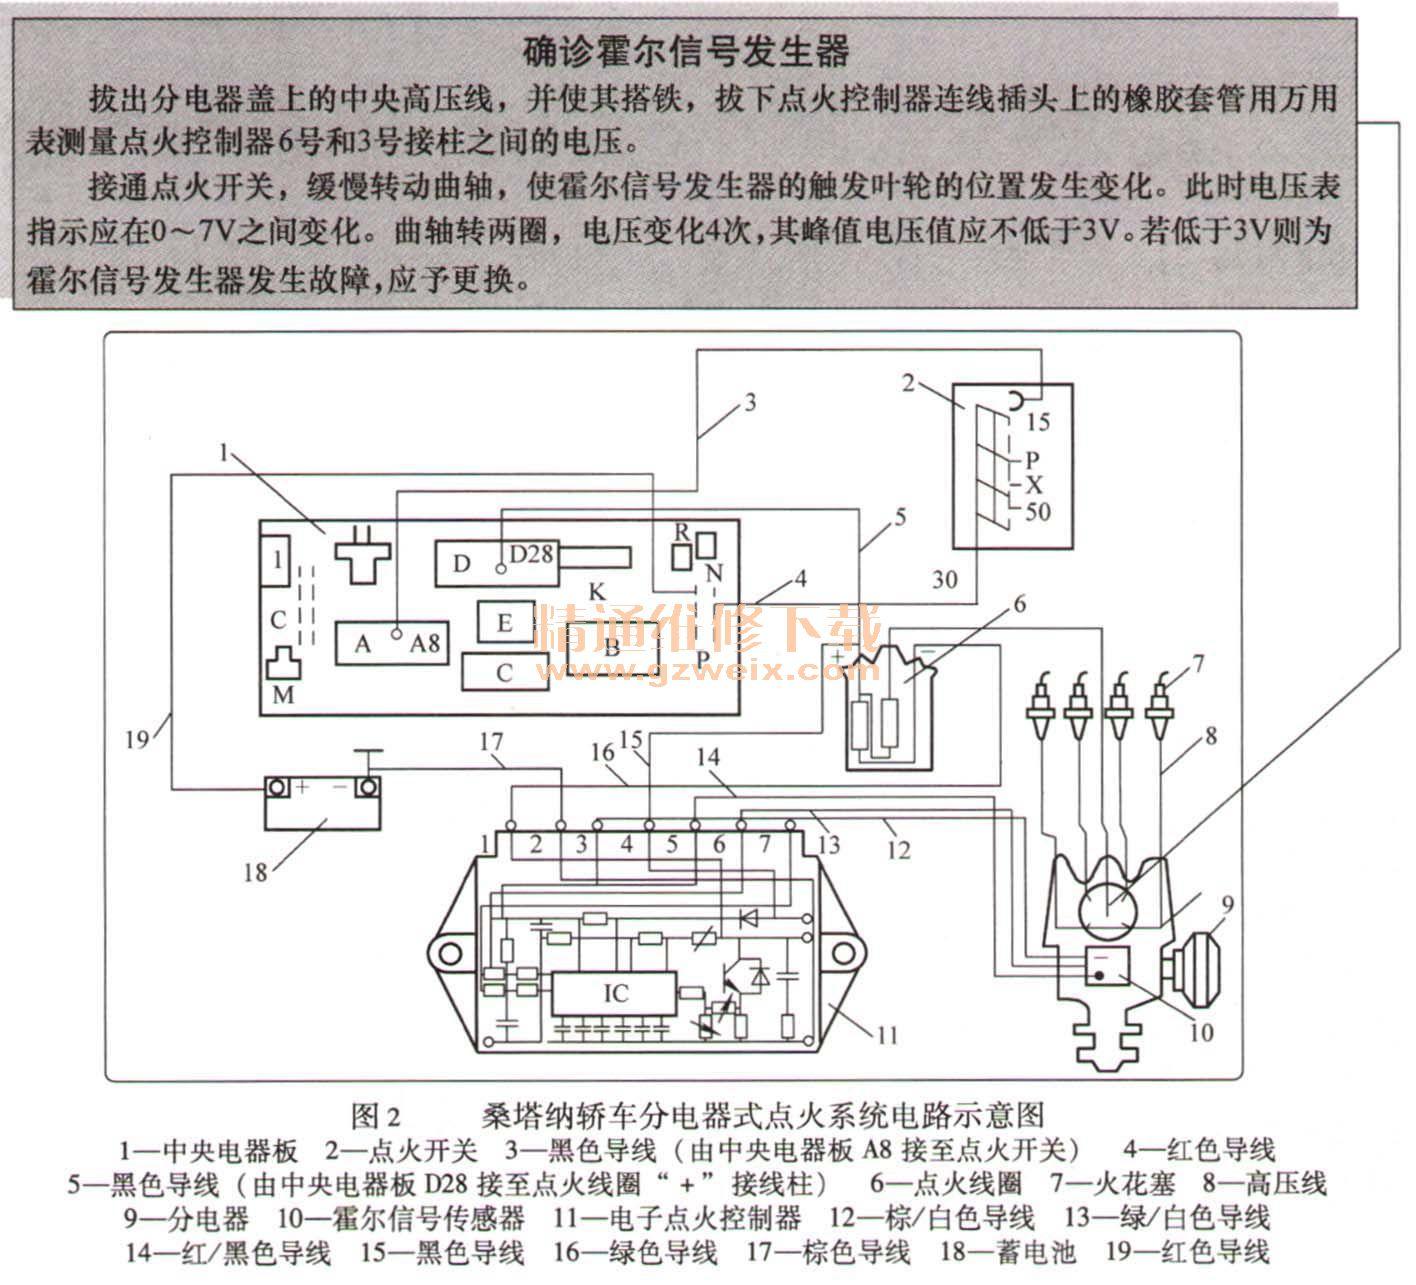 """1.高压电路的检查 采用""""模拟霍尔信号发生器动作的方法""""检查高压电路,步骤如下。 关掉点火开关,打开分电器,转动曲轴,使分电器触发叶片不在霍尔集成电路块与永久磁铁之间的间隙中。拔出分电器盖上的中央高压线,使其端部距离气缸体5~7mm,将点火开关开到点火位置,用小螺钉旋具在霍尔信号发生器的中间轻轻地插入和拔出,以模拟触发叶轮叶片在间隙中的动作。 若此时高压线端部有高压火花产生,则表明霍尔信号发生器、点火控制器、点火线圈、及其连接导线的性能正常。而故障在高压电路。 反之,若无高压火花产"""